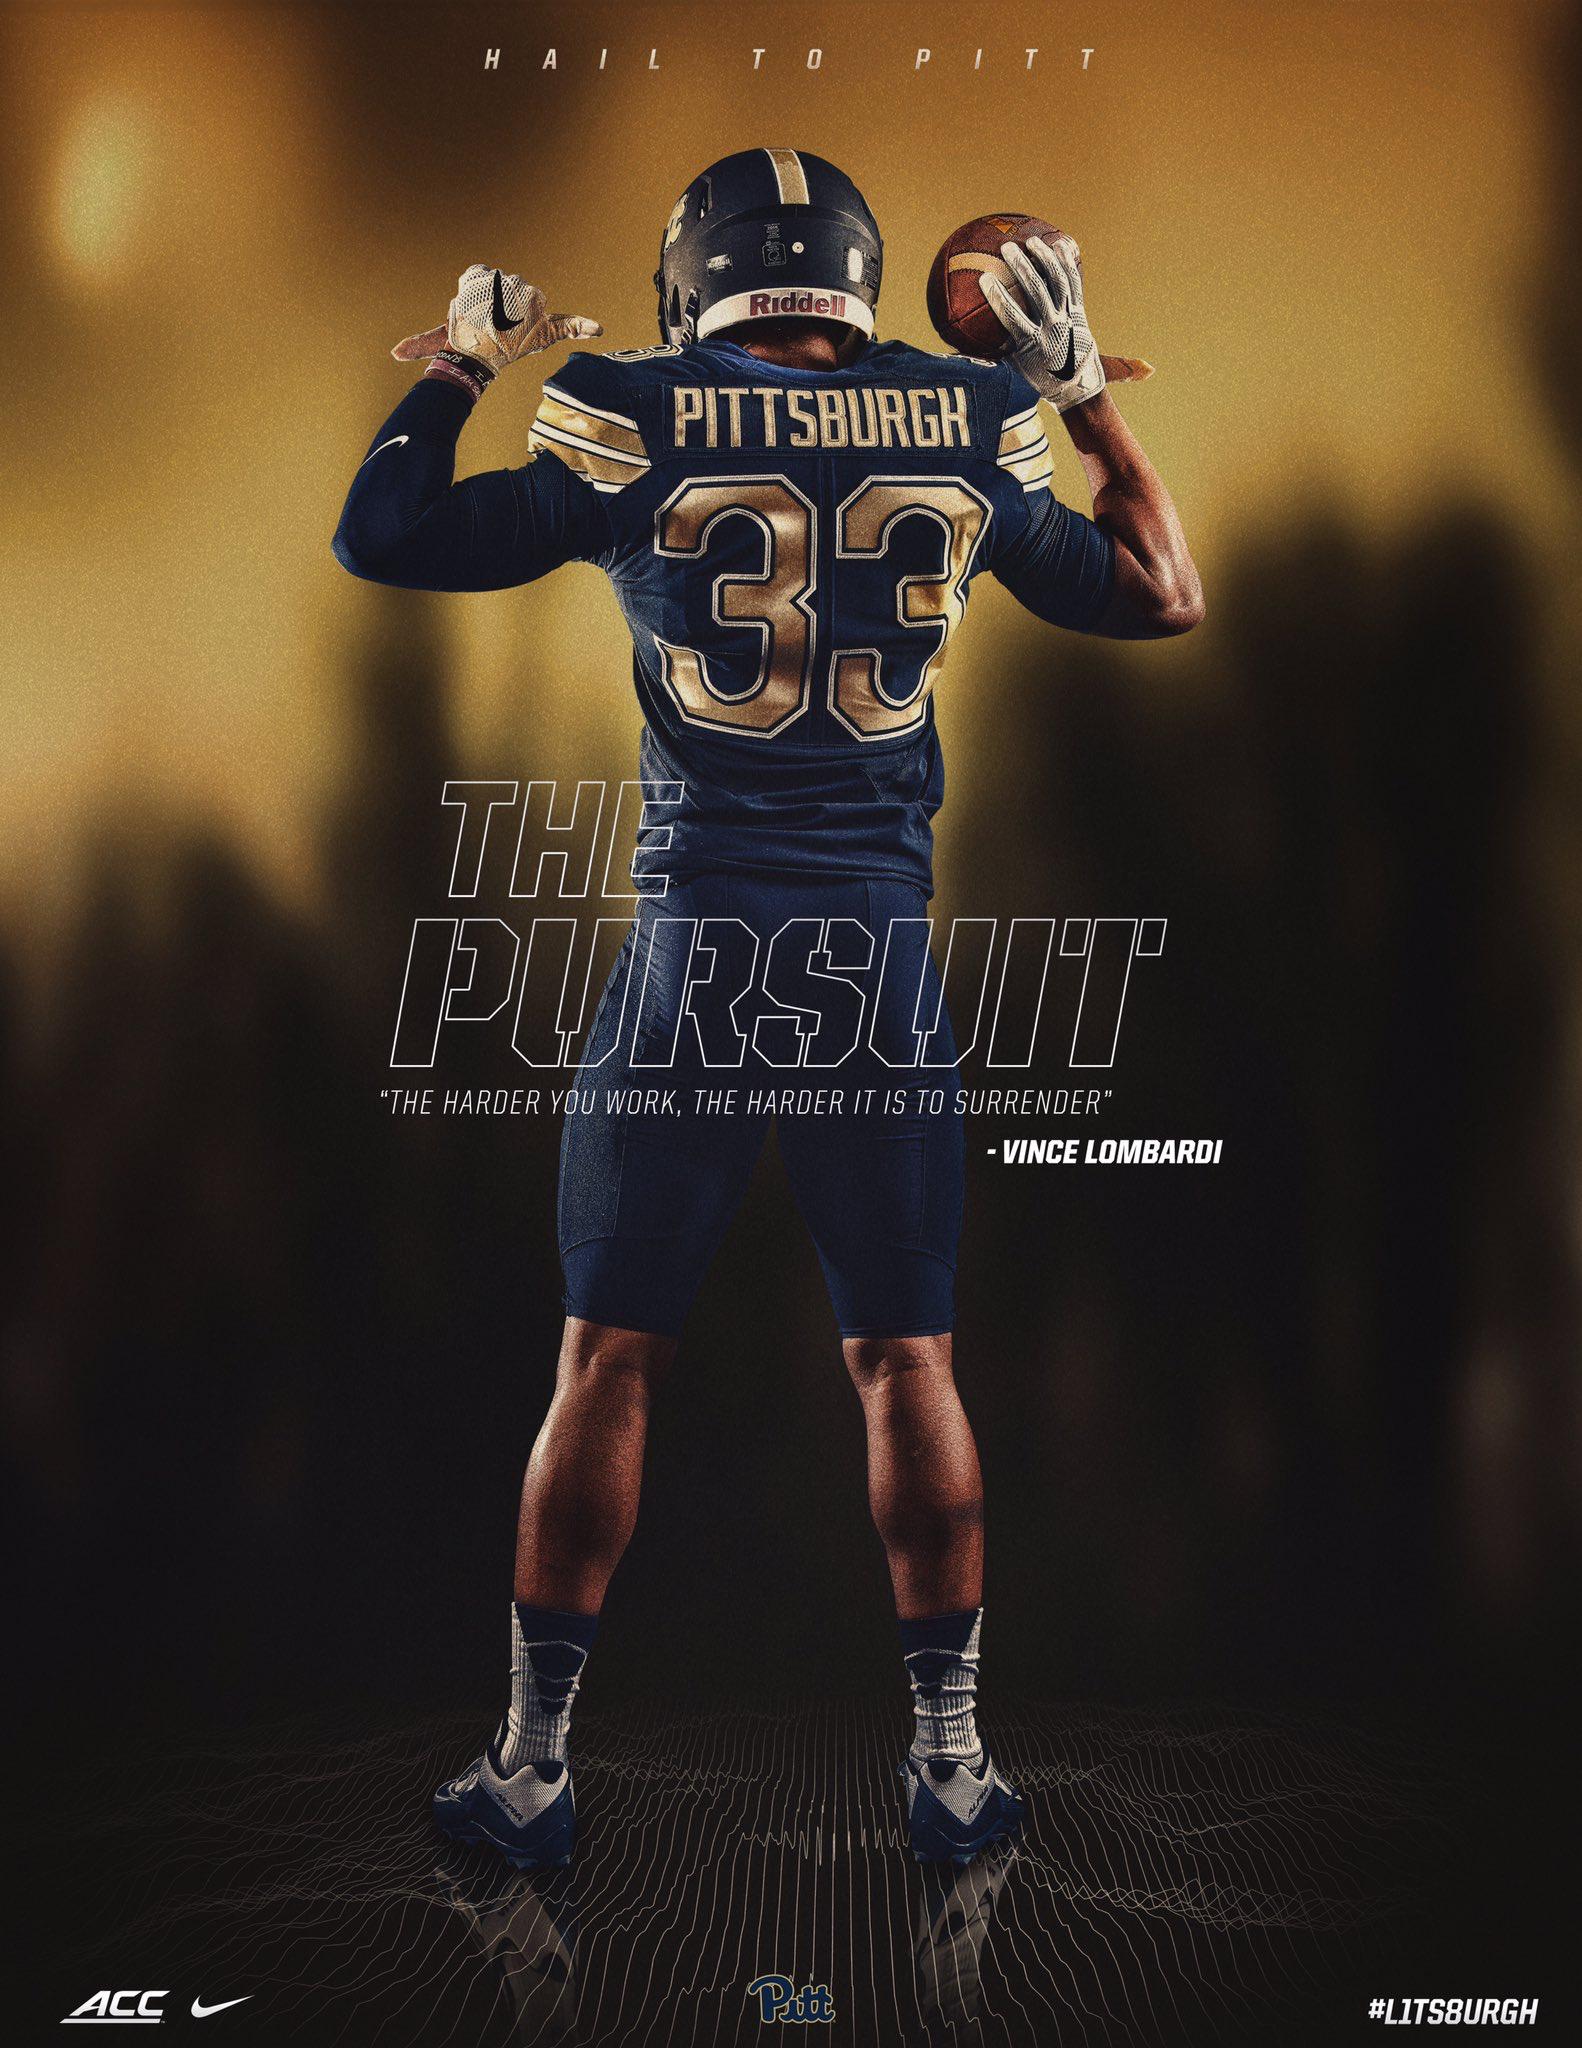 Pin de SkullSparks en College Football Recruiting